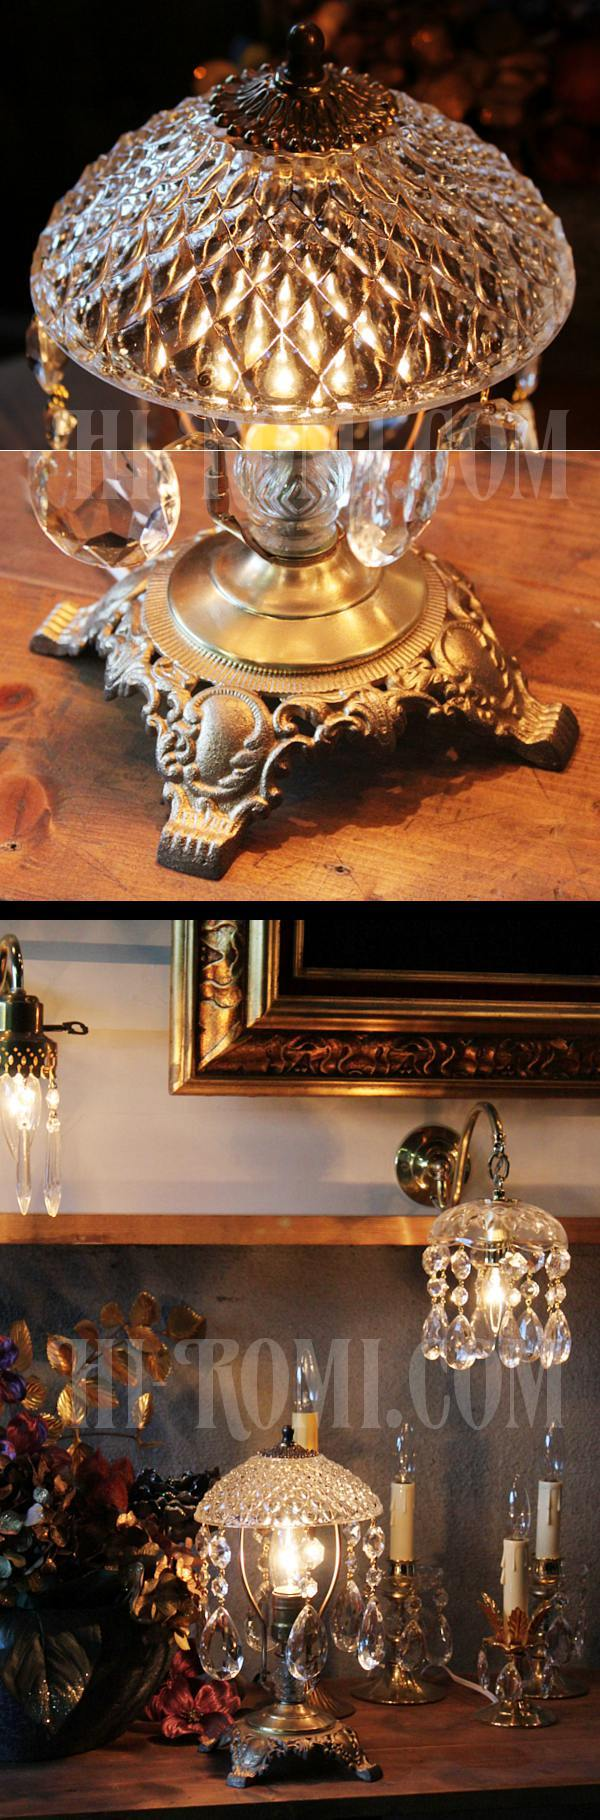 ヴィンテージヴィクトリアンガラスシェードプリズム付きテーブルランプ/アンティーク卓上シャンデリア照明